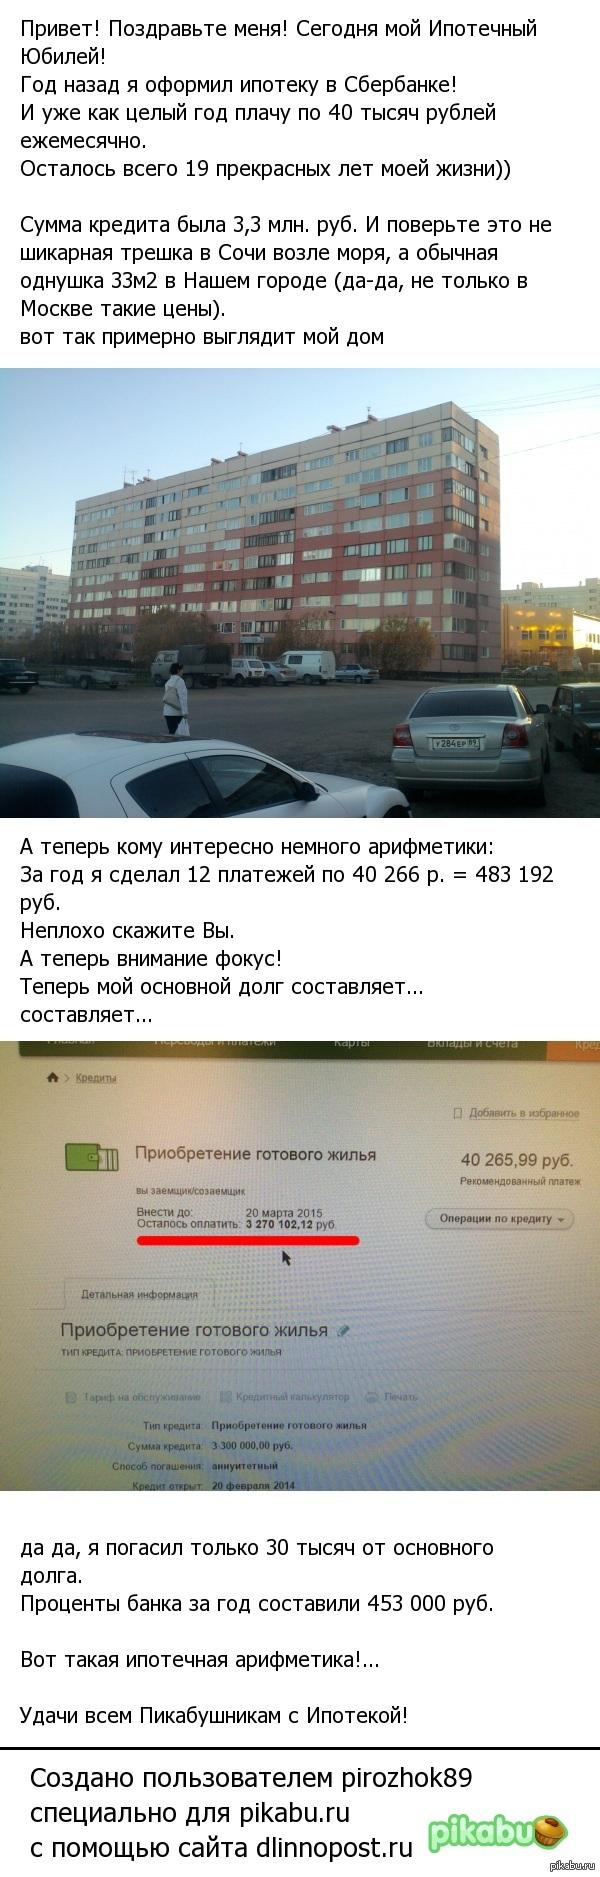 Хоум кредит телефон в москве алтуфьево